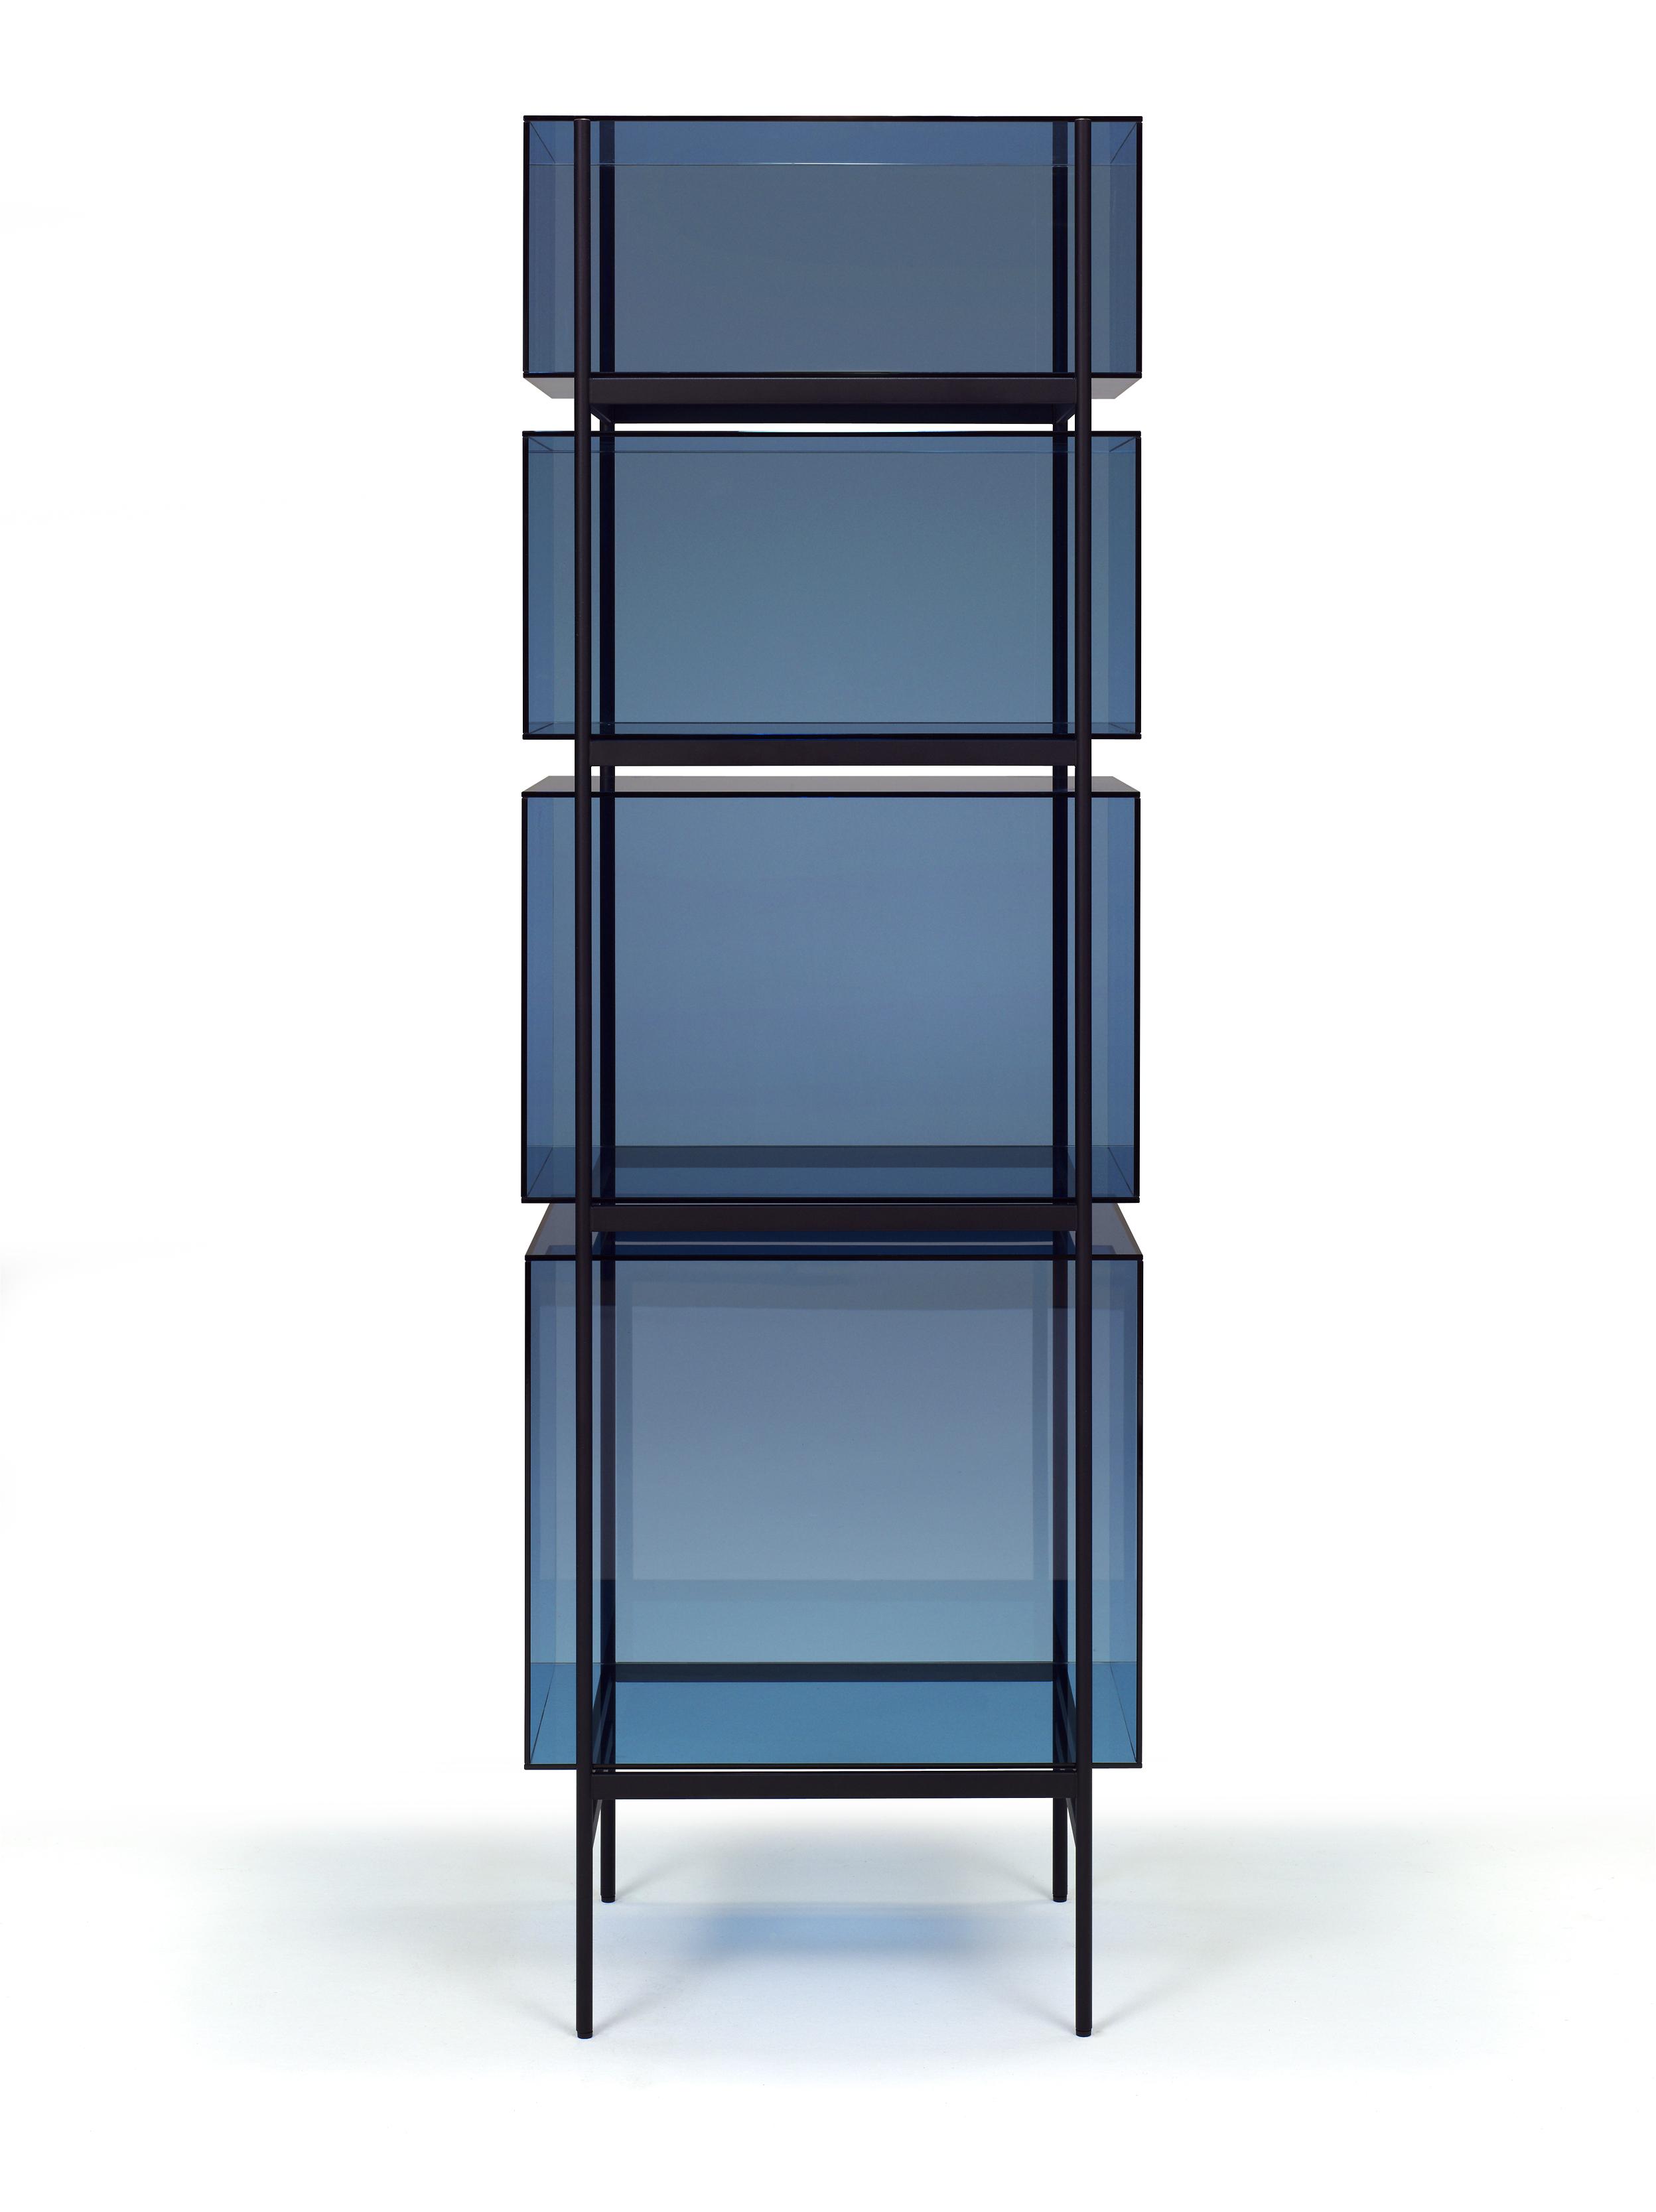 Grote Glazen Vitrinekast.Glazen Kast Lyn Van Visser Meijwaard Kopen Bestel Online Bij Gimmii